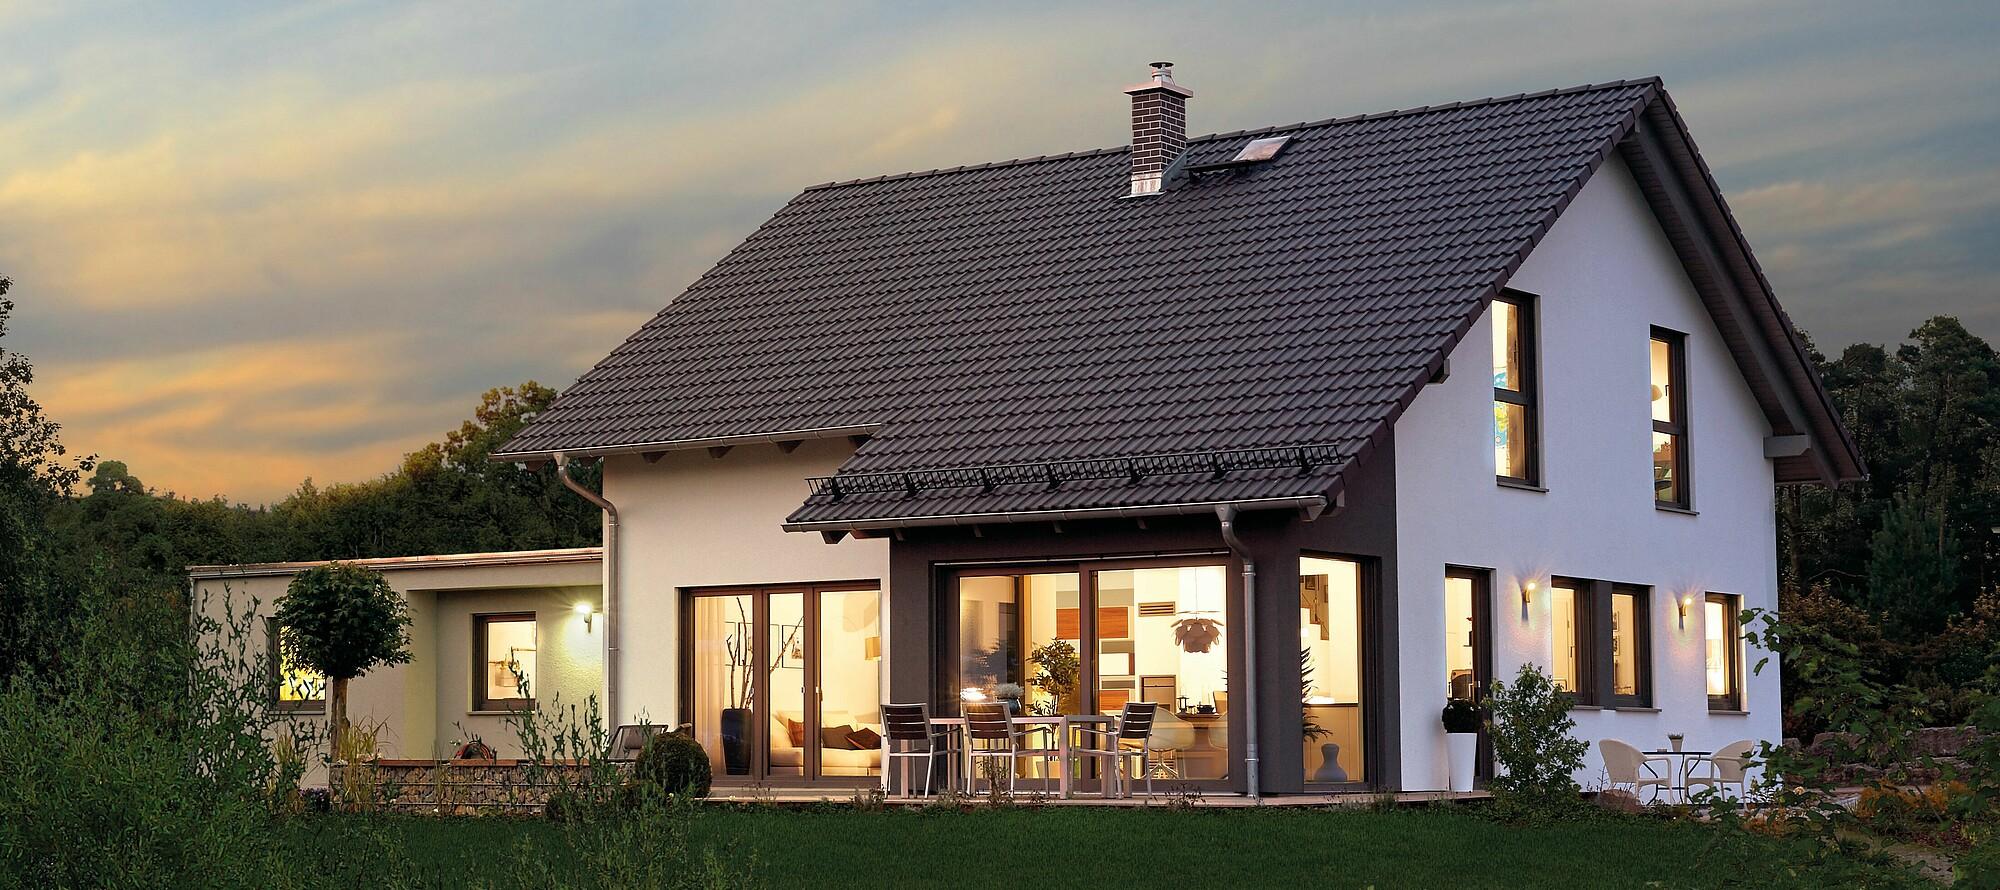 Fertighaus Variant 35 154 Hanse Haus